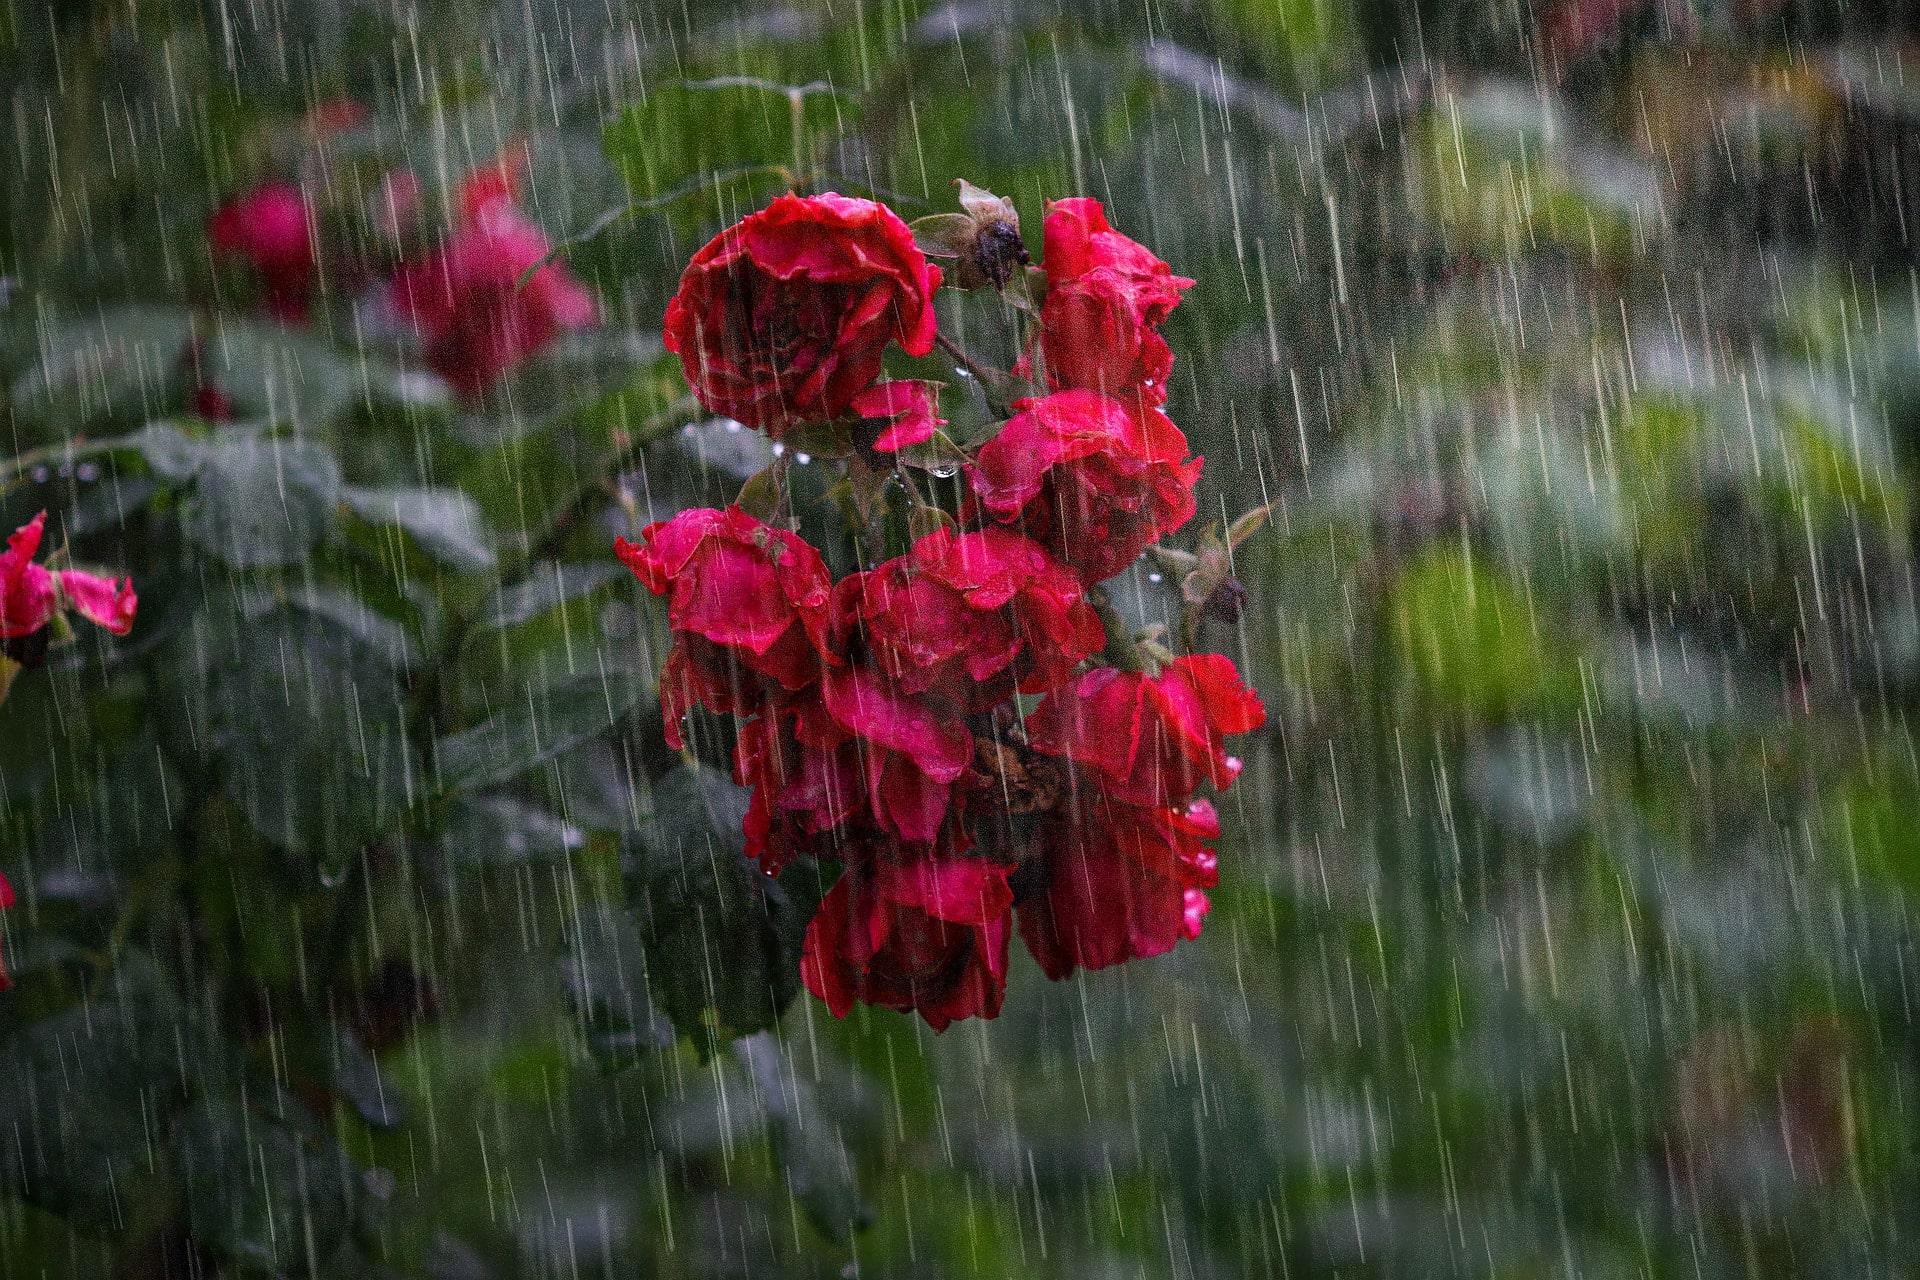 сильный дождь и природа